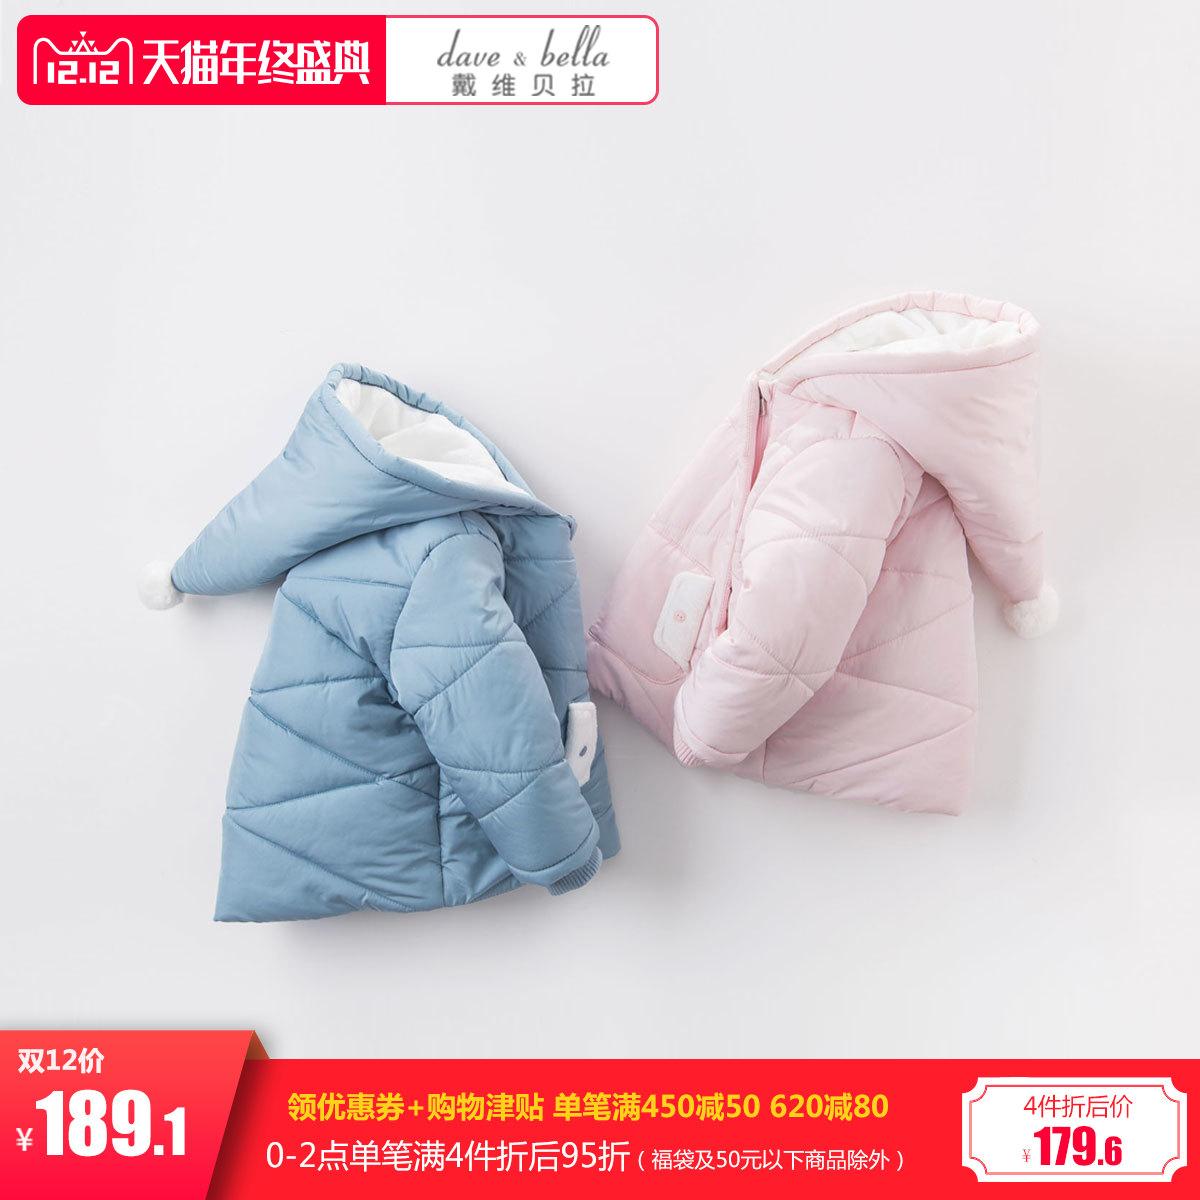 【夹棉】davebella戴维贝拉2017冬季新款外套 宝宝保暖外套DB5579